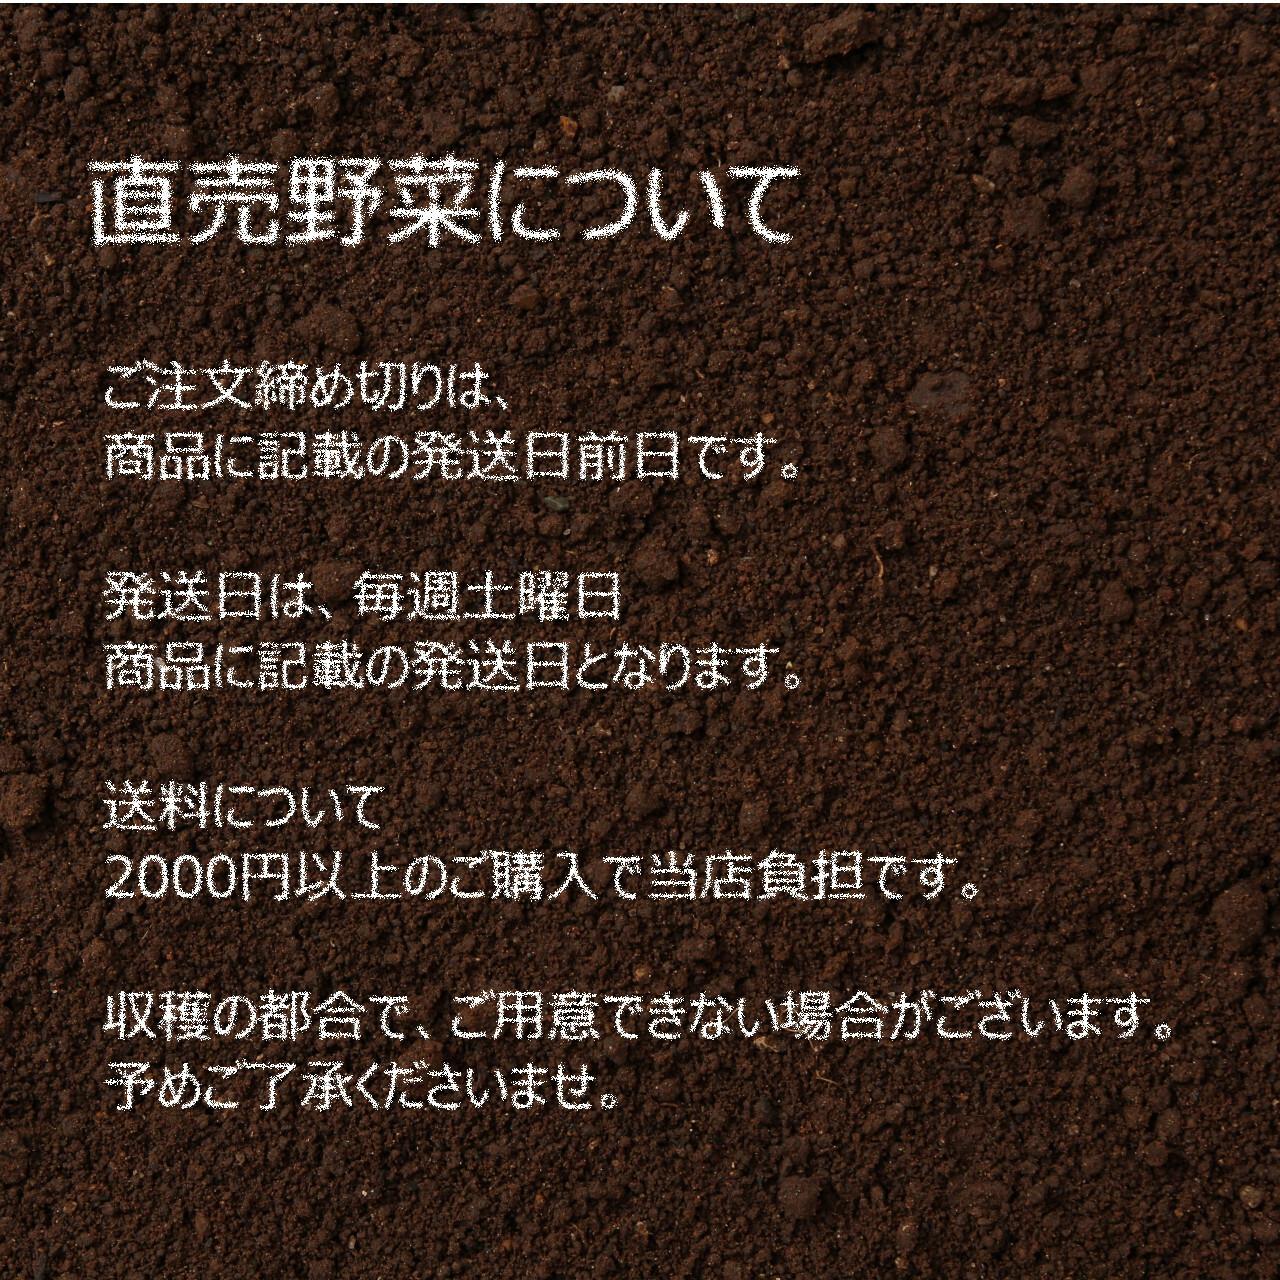 新鮮な冬野菜 : 春菊 約200g 11月の朝採り直売野菜 11月28日発送予定